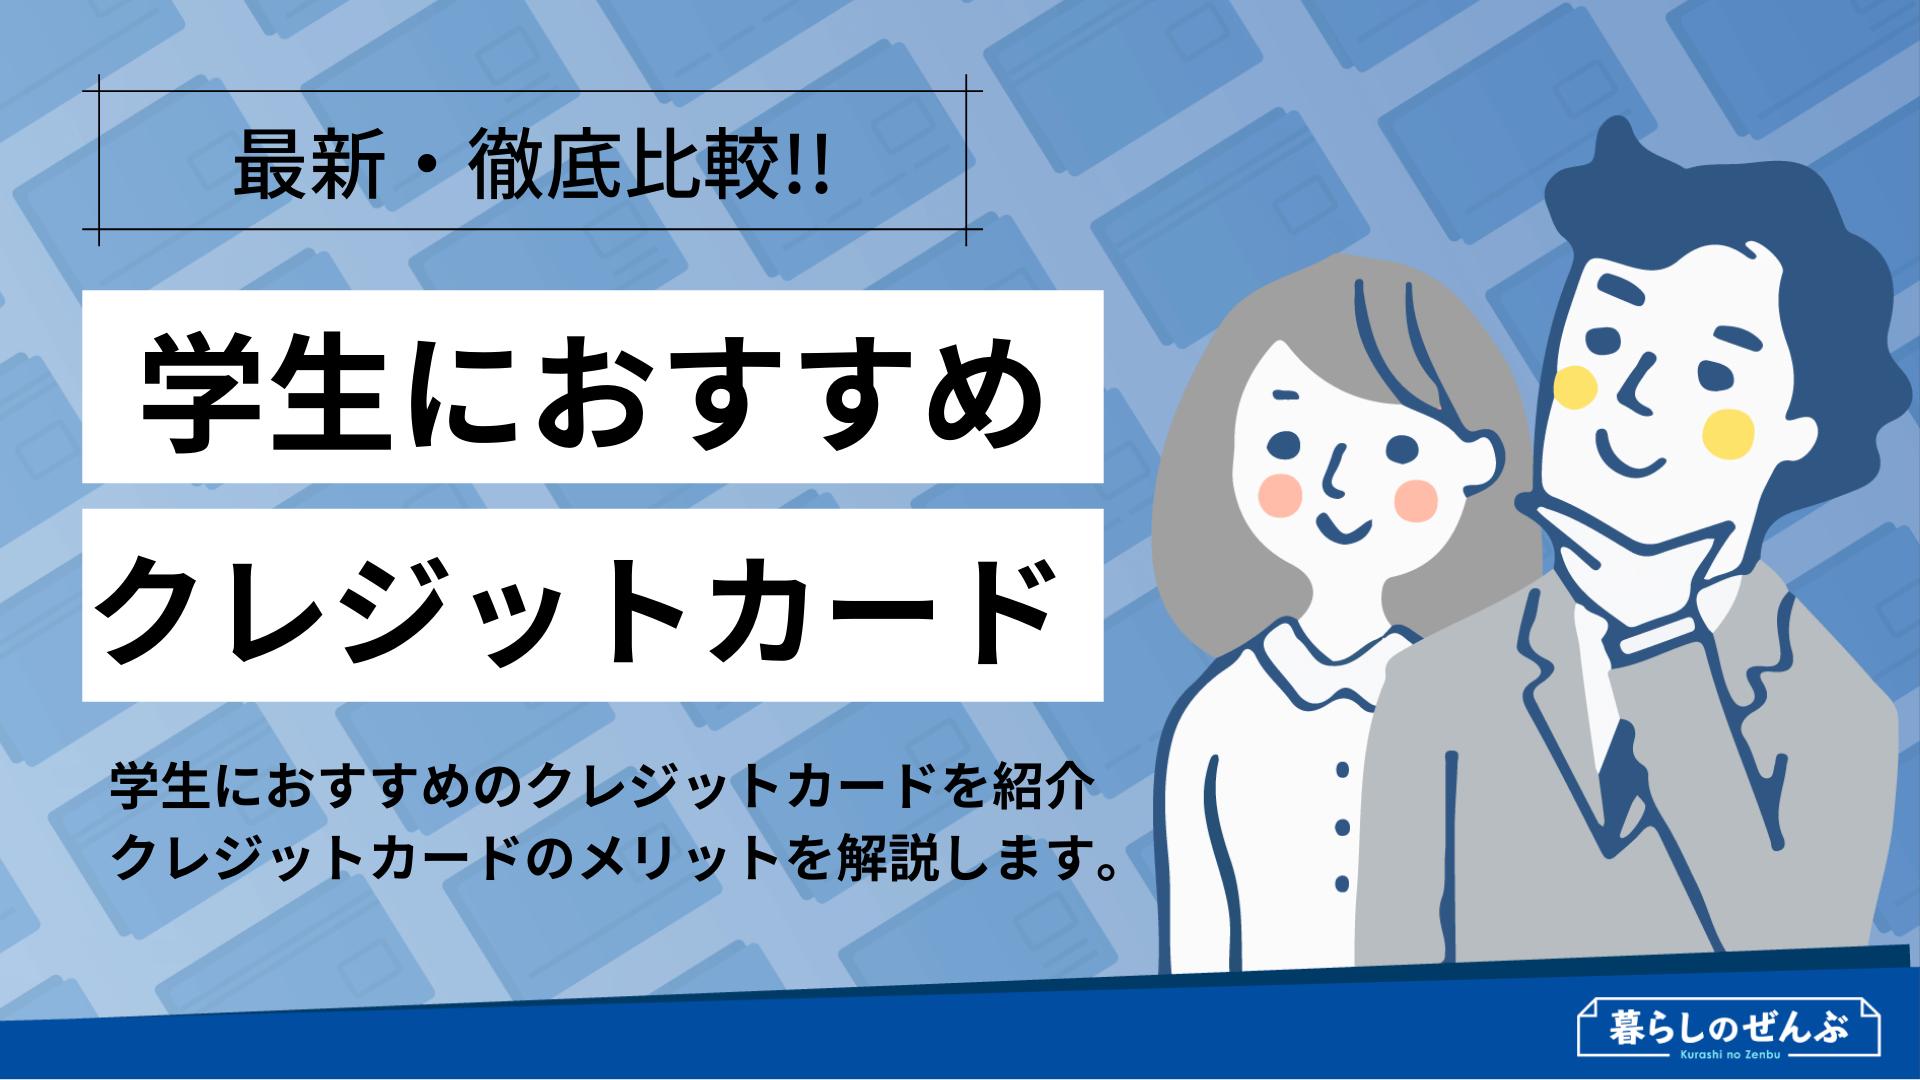 学生 おすすめ クレジットカード審査解説